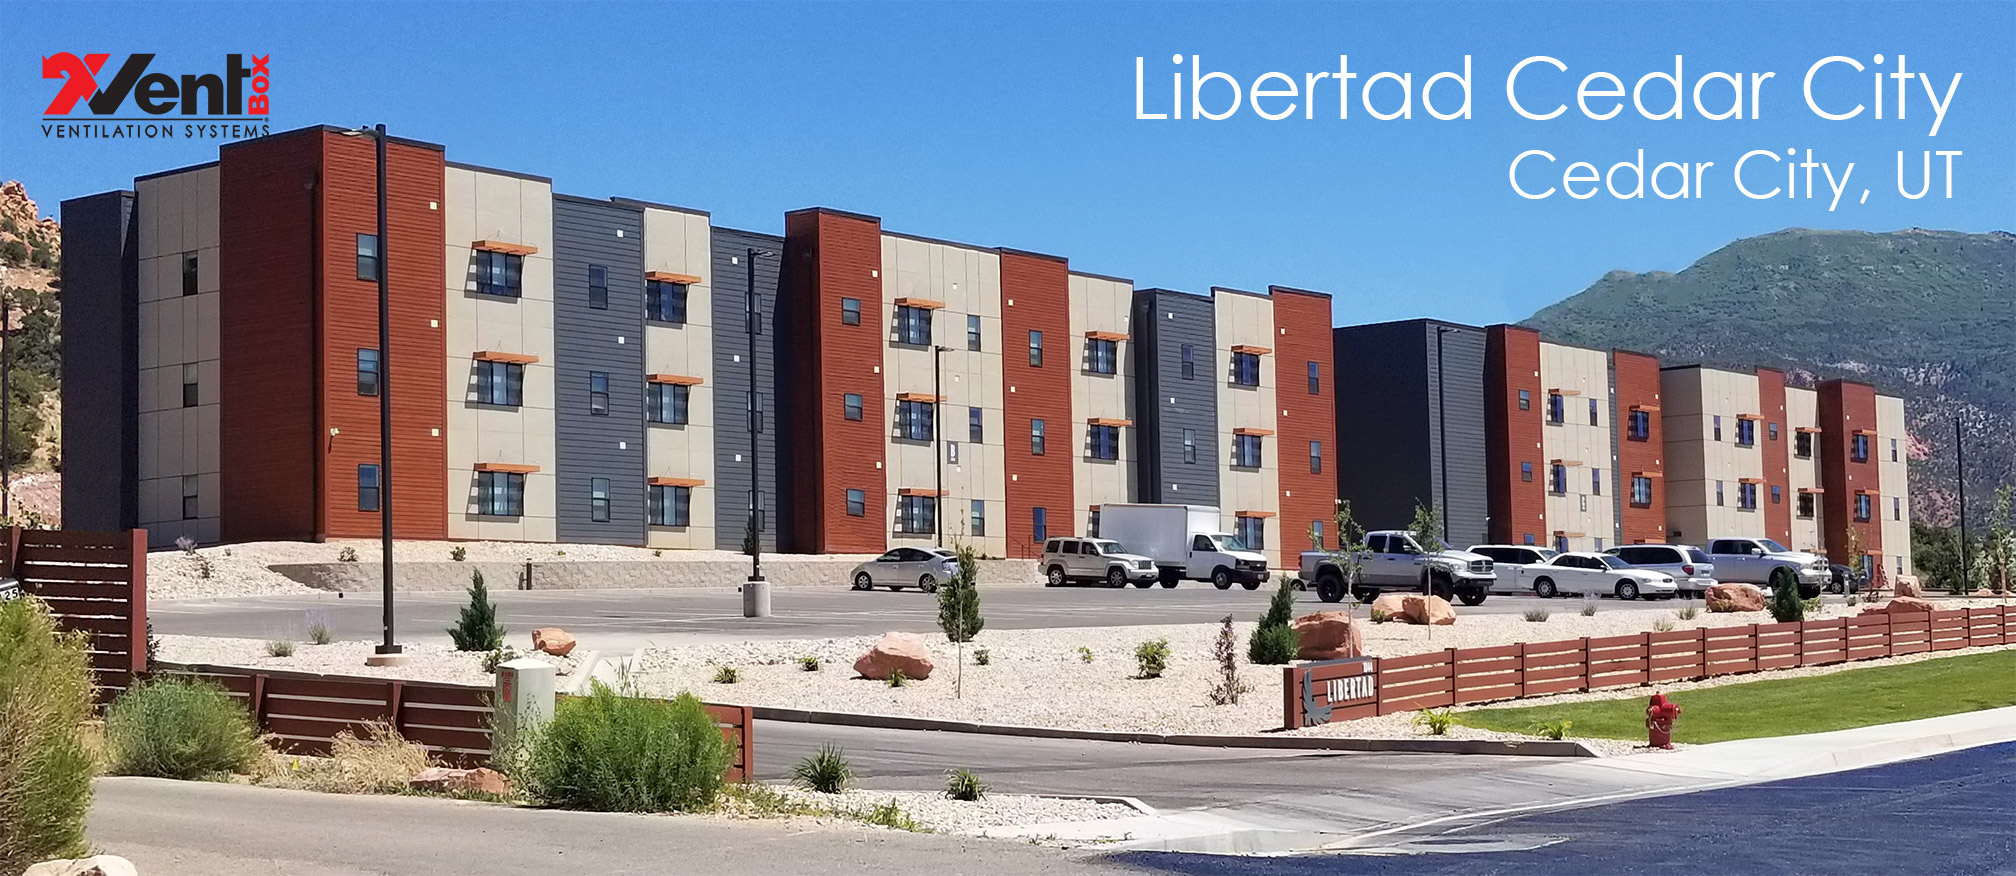 Libertad Cedar City